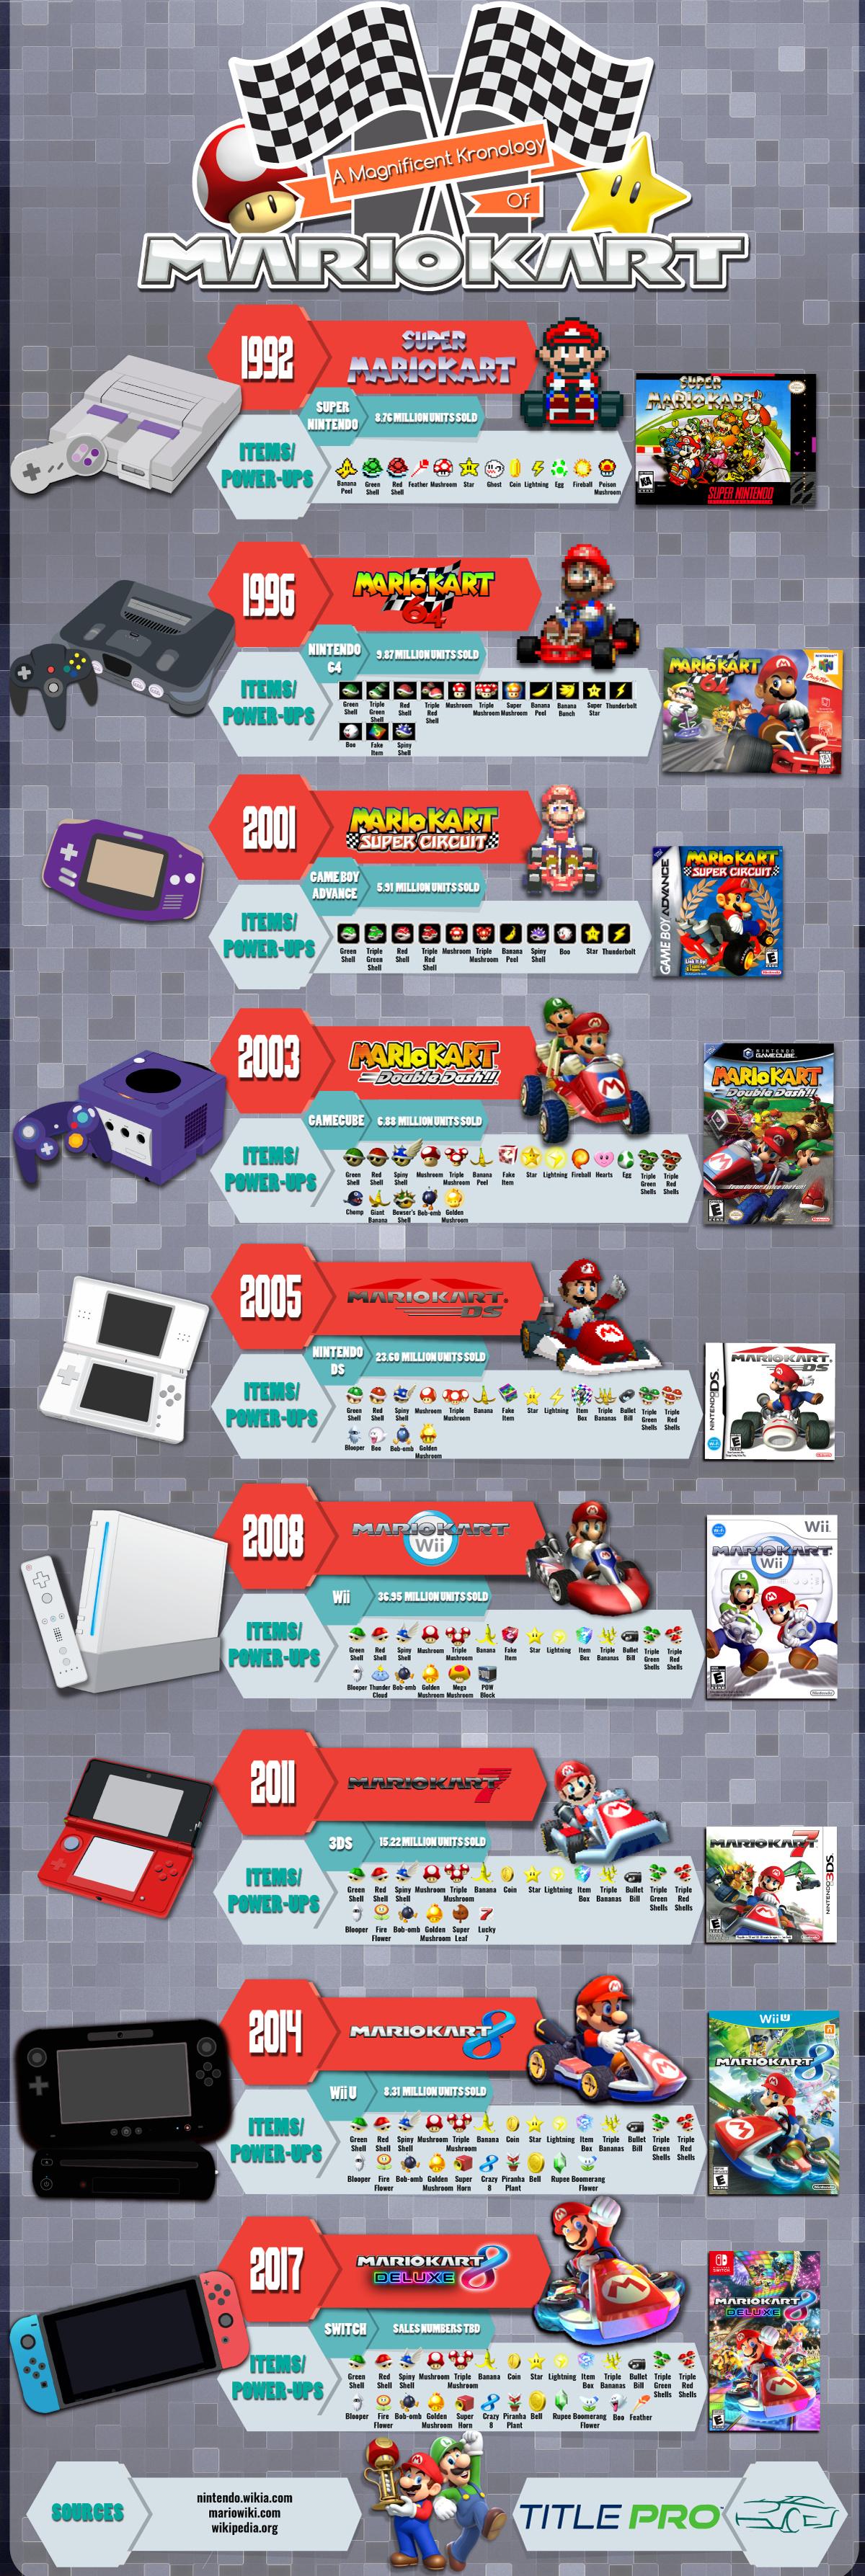 Kronology of Mario Kart